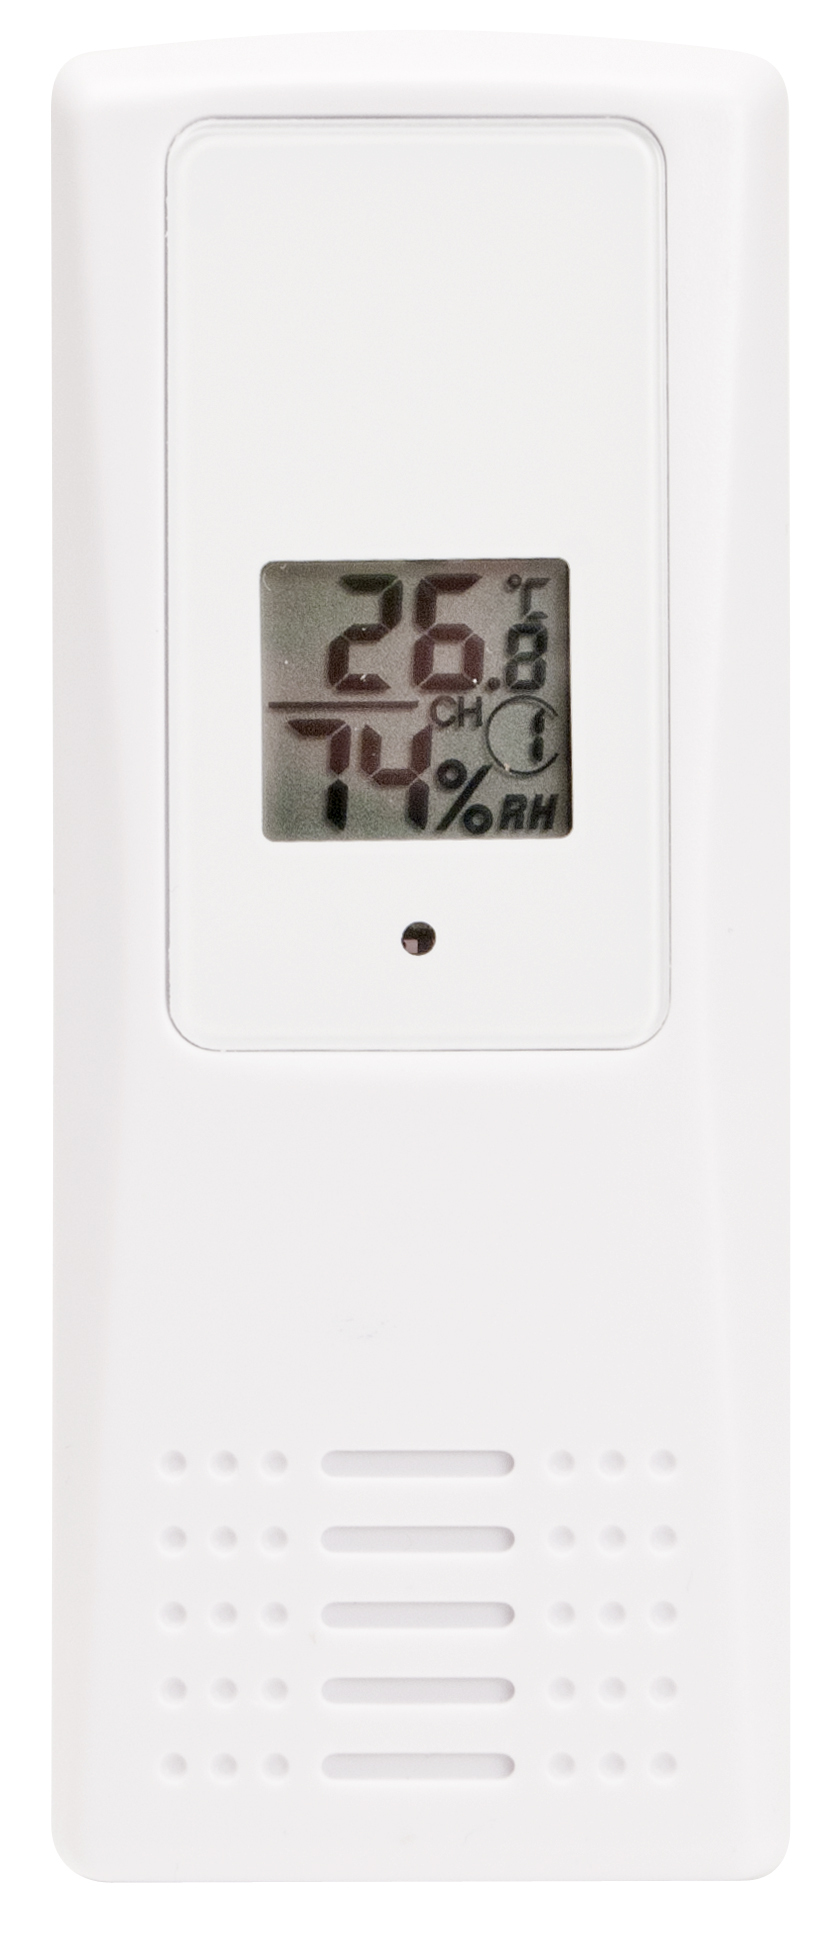 Telldus Termo/Hygro Sensor